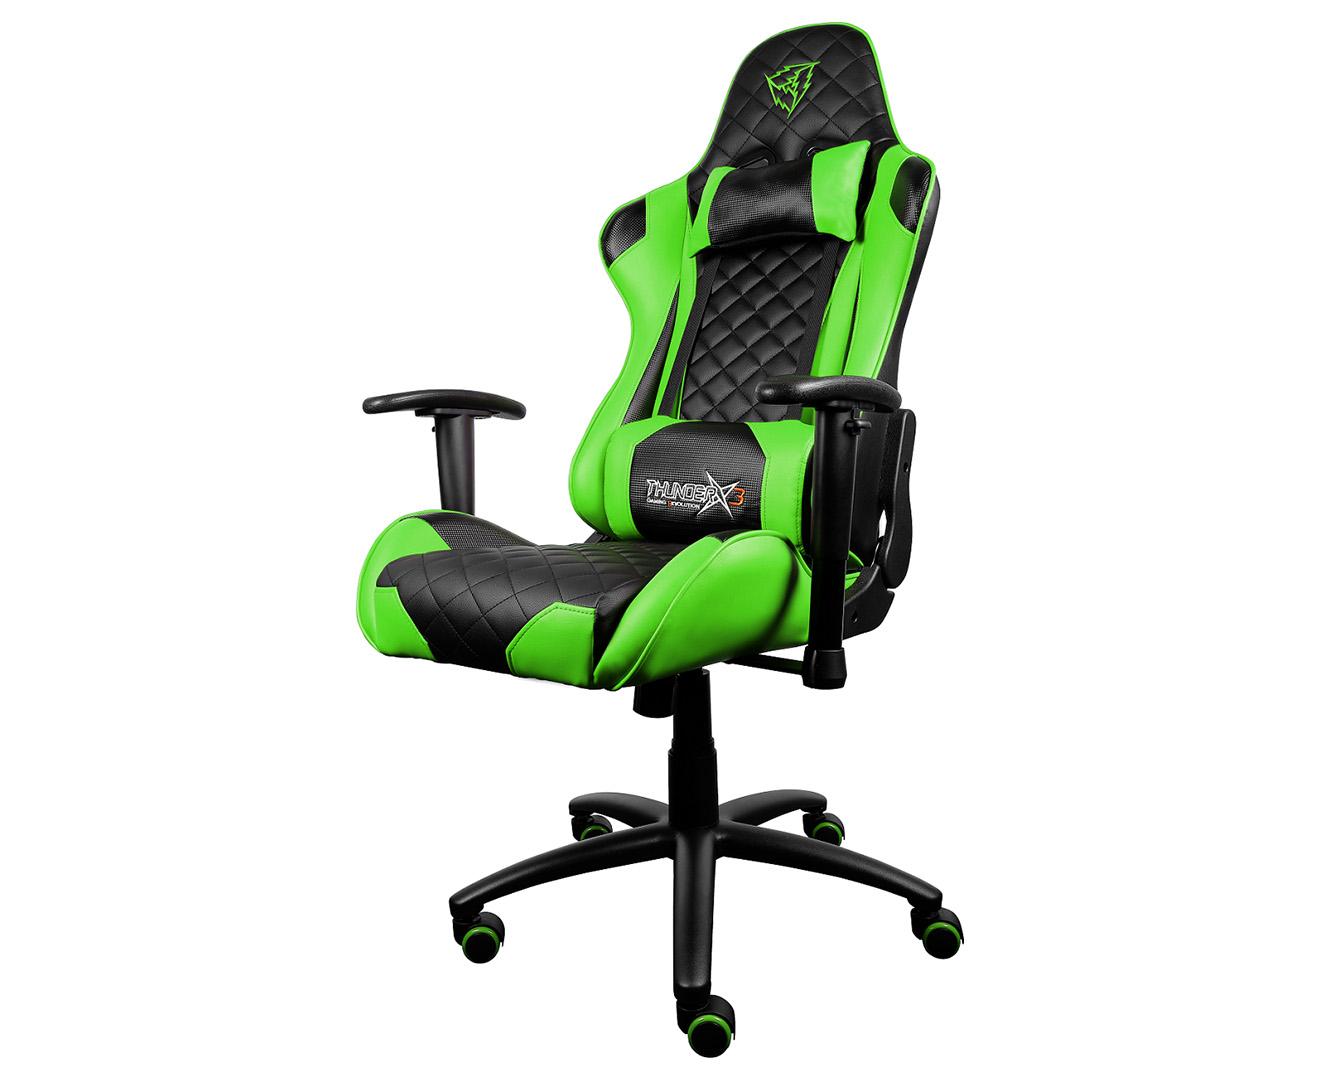 ThunderX3 TGC12 Gaming Chair - Black/Green